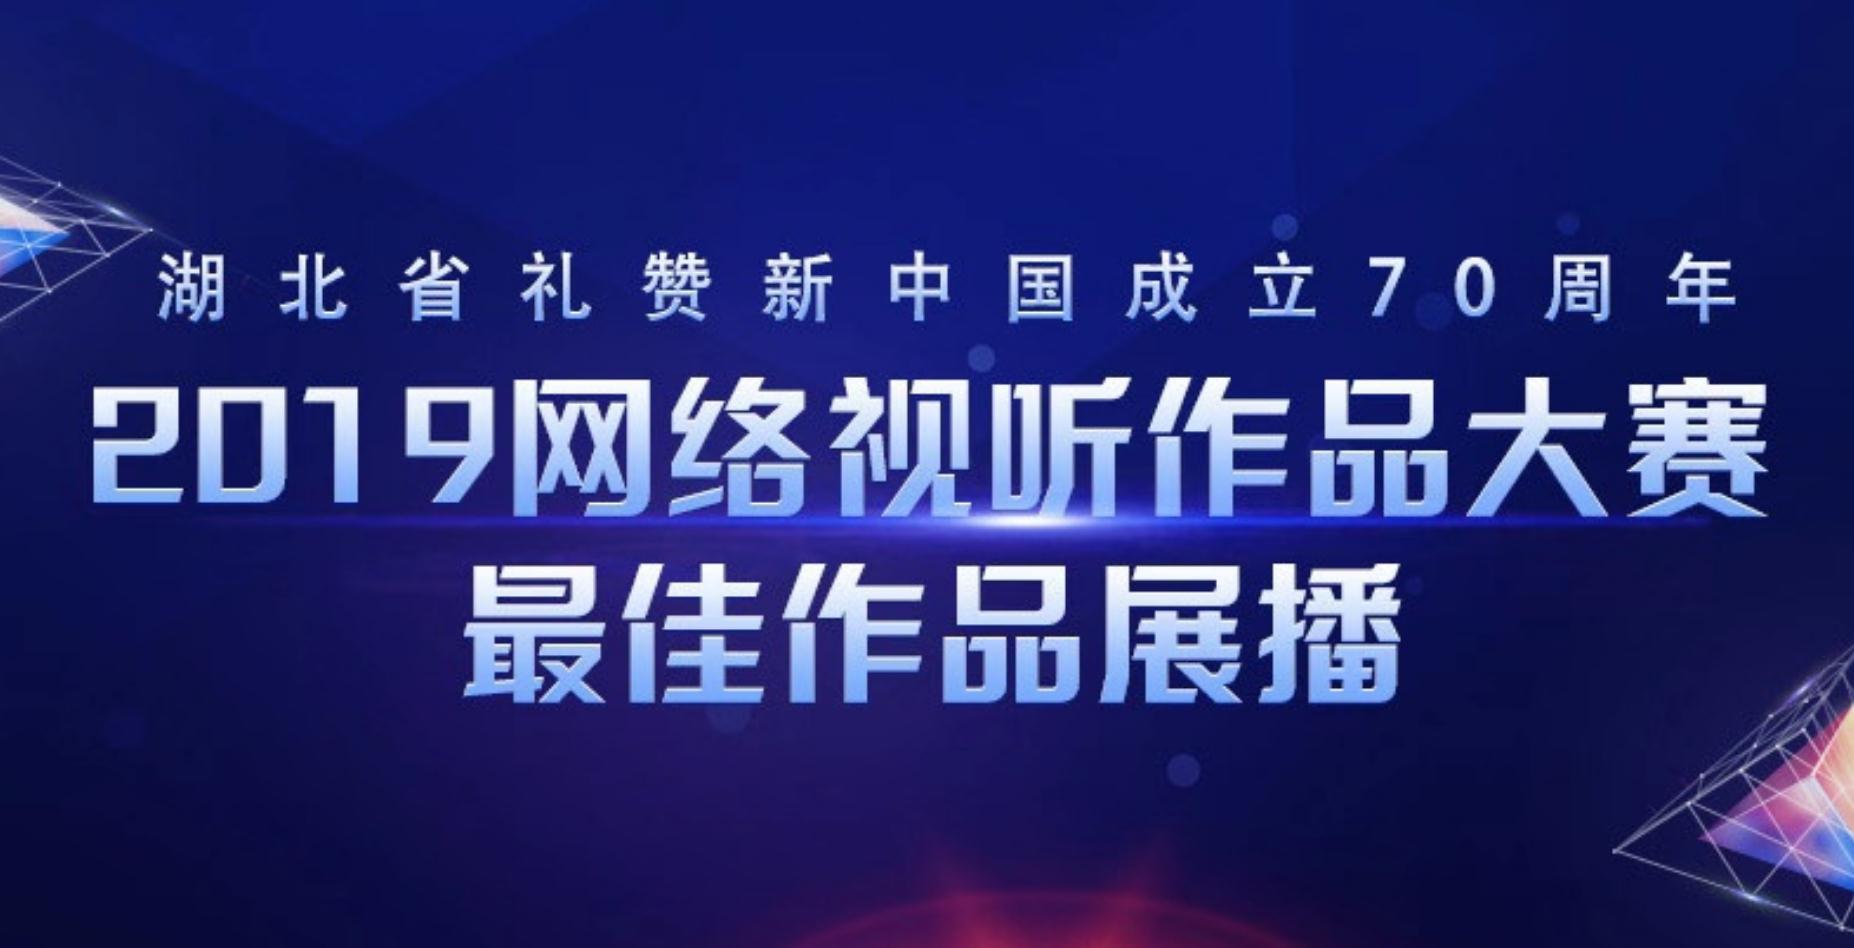 """以 """"礼赞新中国 共筑中国梦""""为主题,聚焦中华人民共和国成立以来各"""